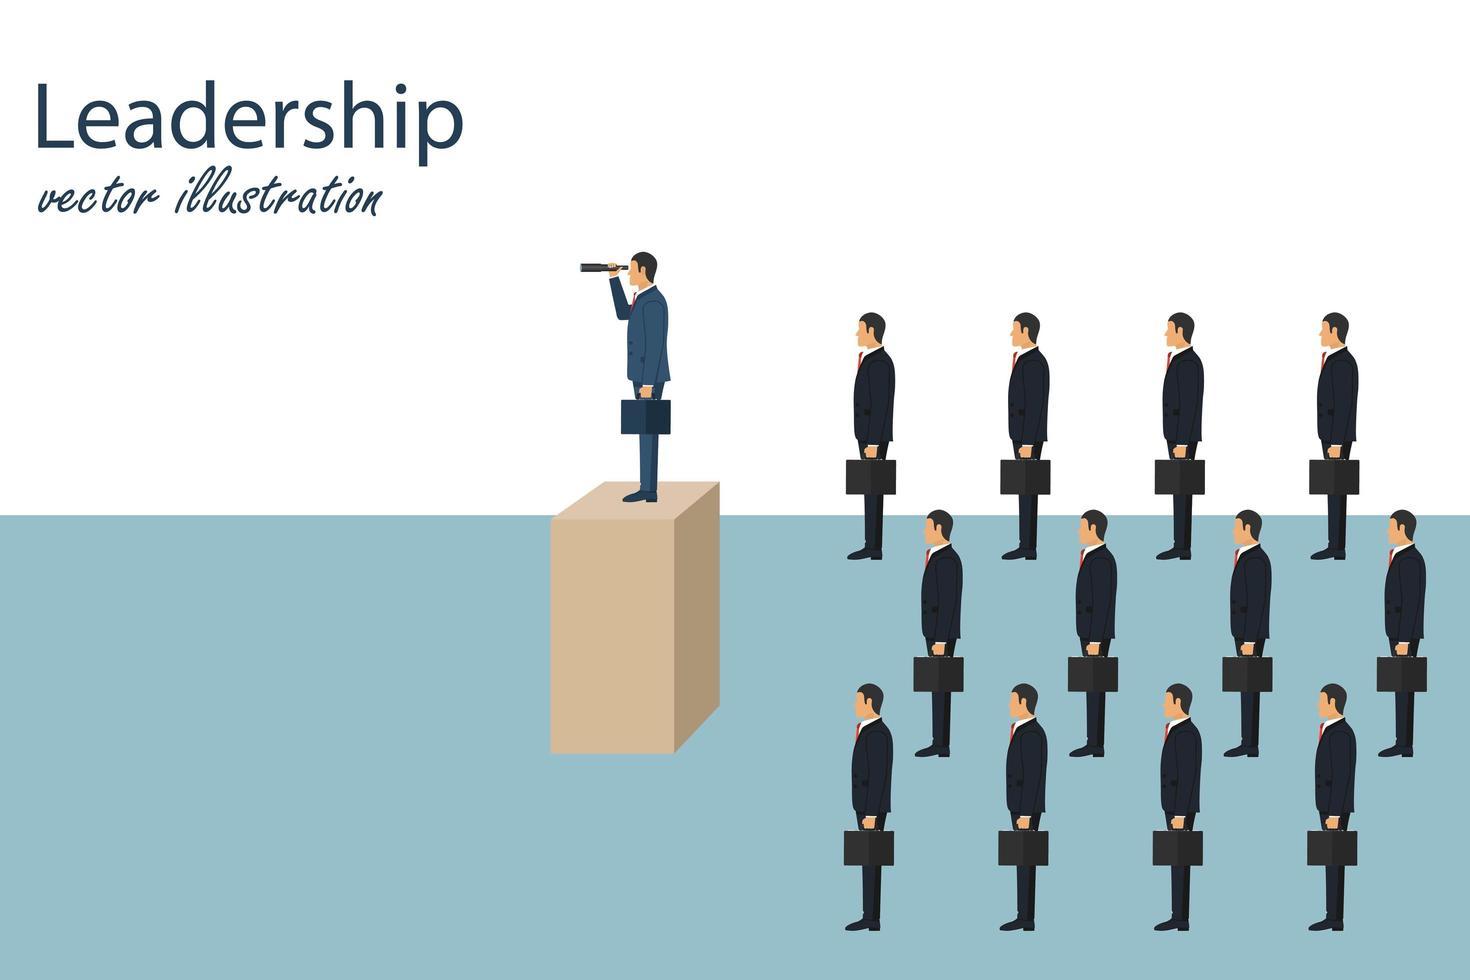 liderança empresarial e conceito visionário vetor